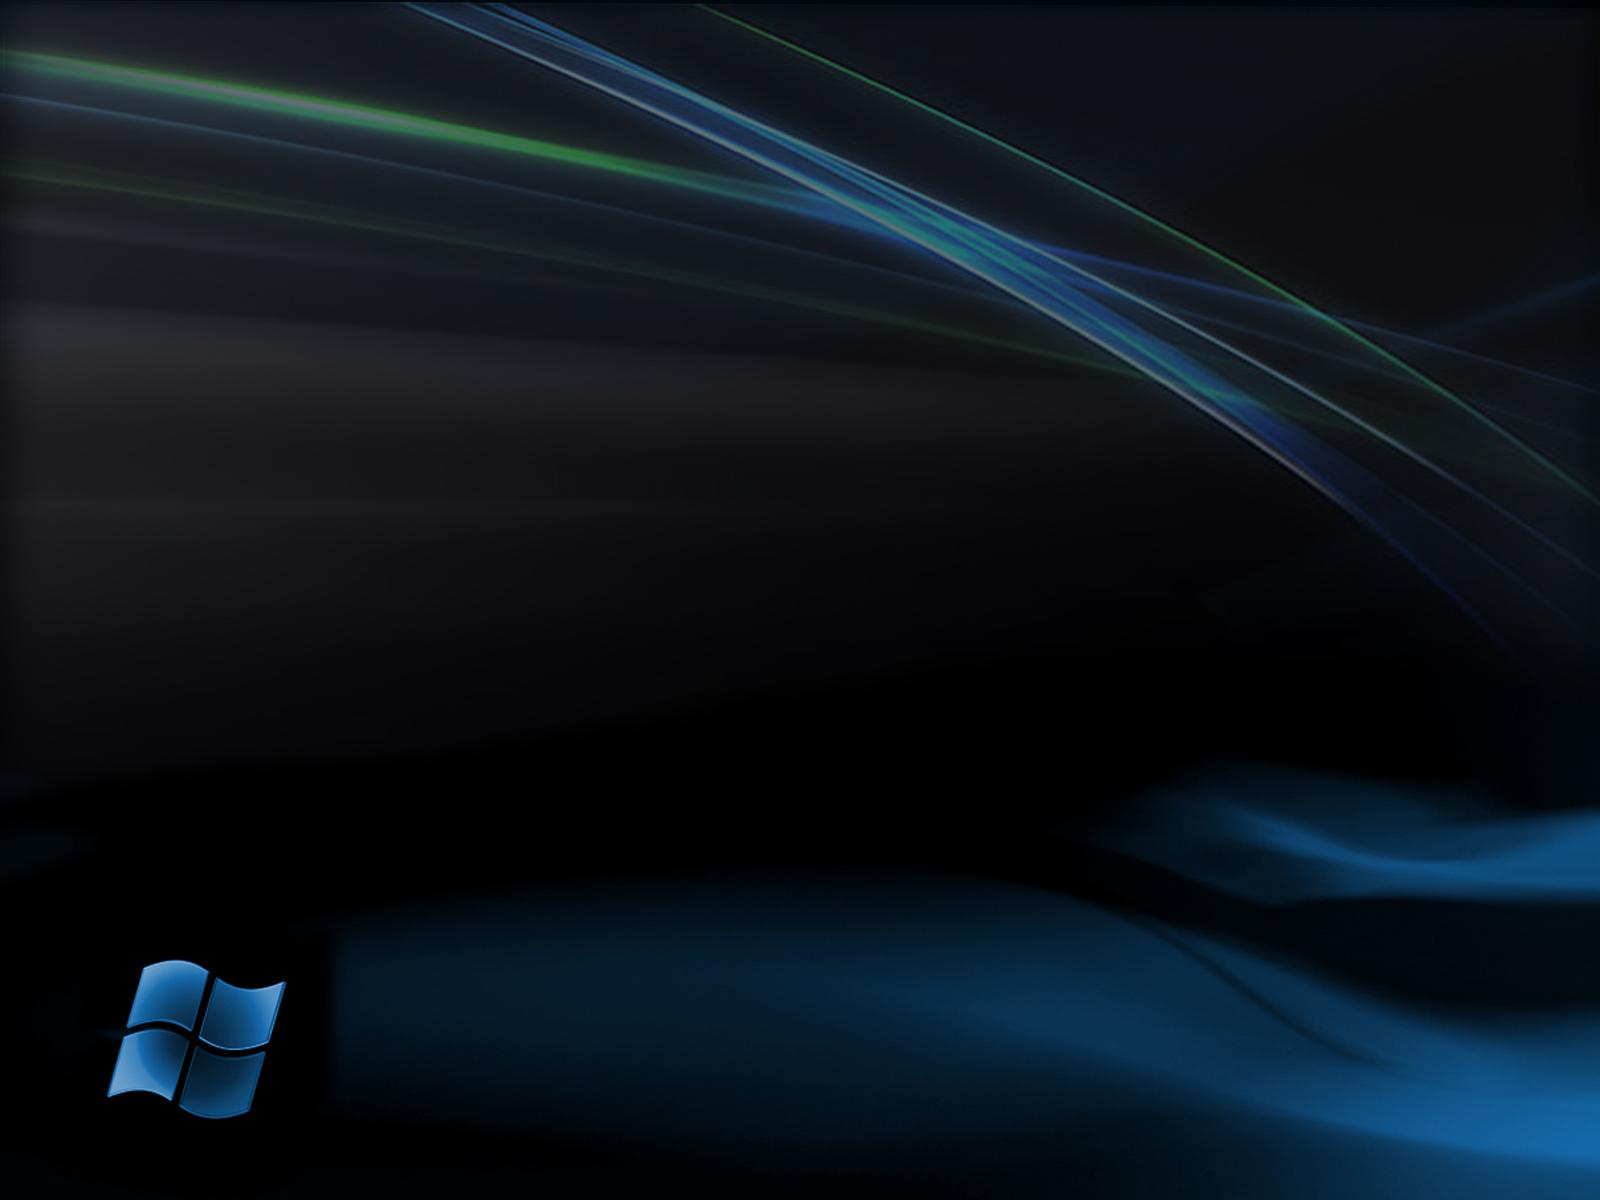 http://3.bp.blogspot.com/-v1XXvpjfKnU/TaMQoZoY55I/AAAAAAAAAPk/h-TTkwnC0eE/s1600/windows-7-wallpaper-16.jpg